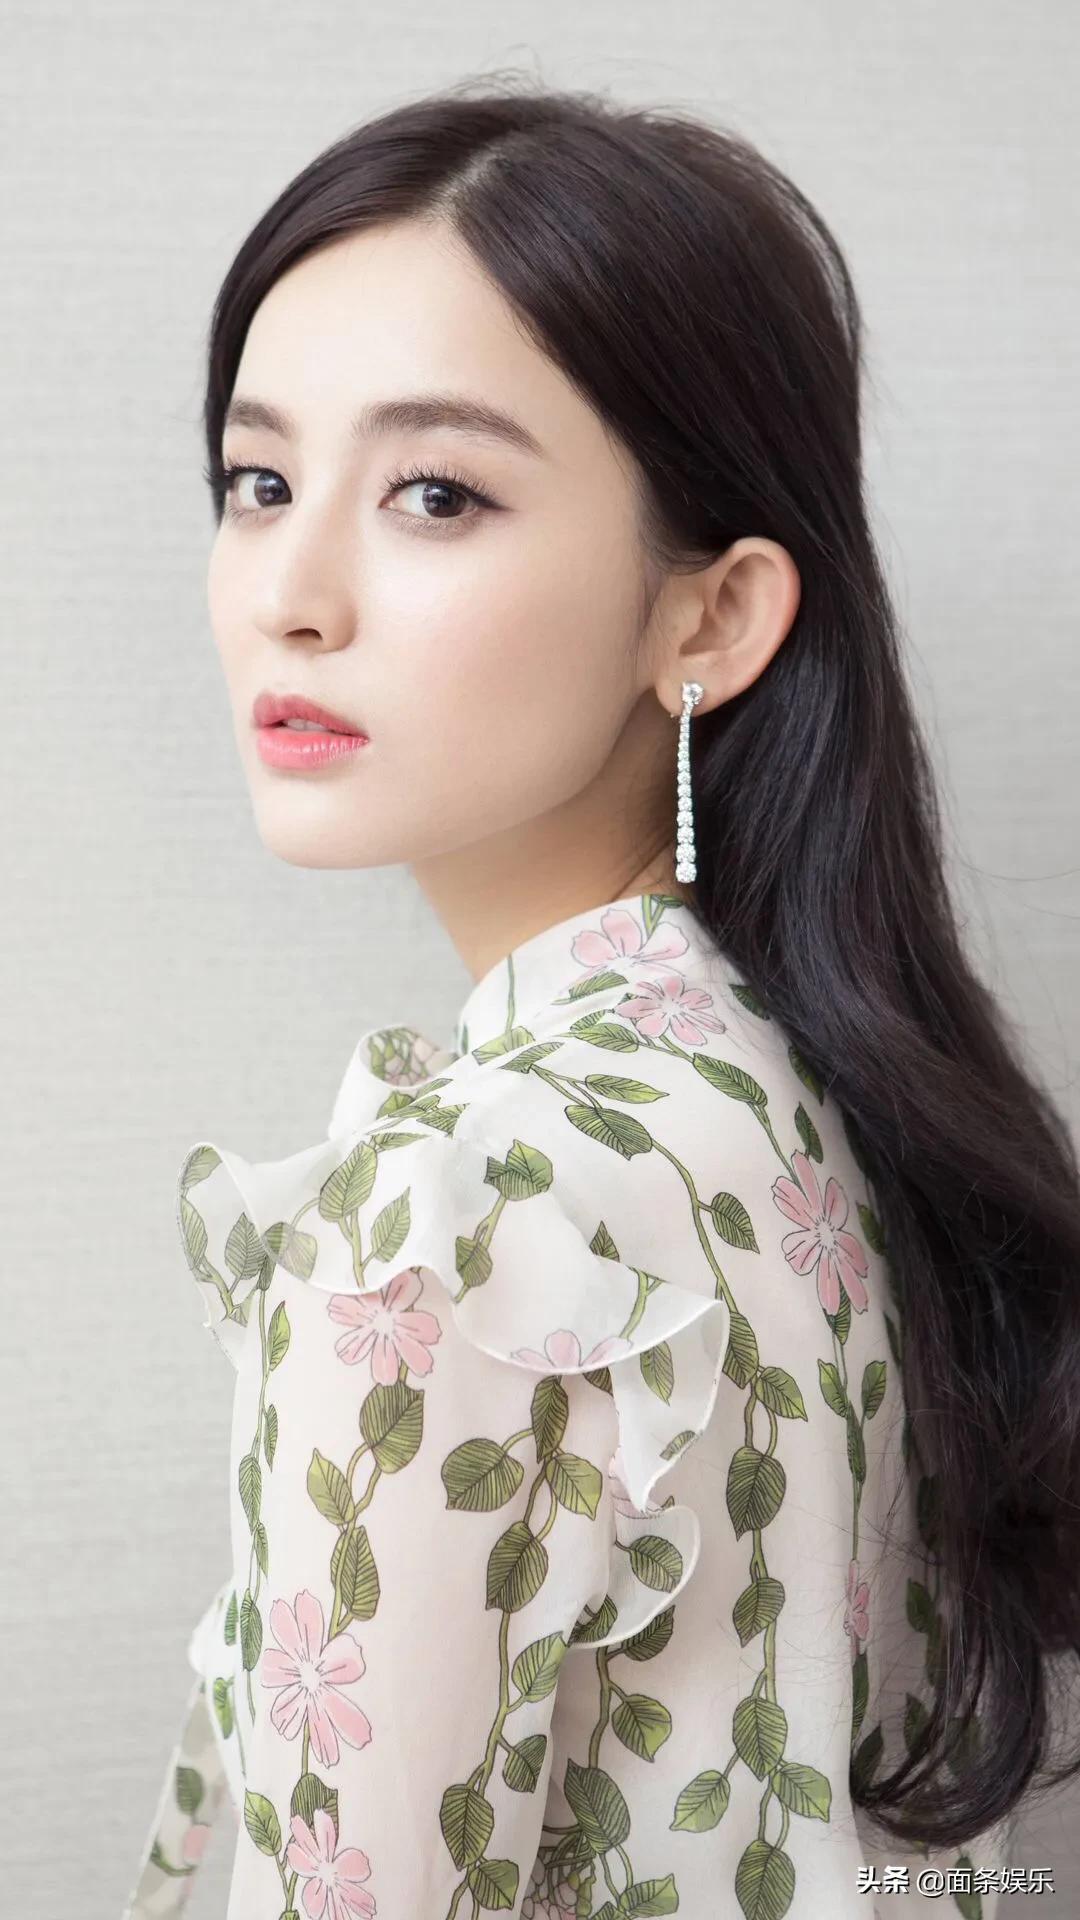 娱乐圈爆料:肖战、王一博、迪丽热巴、周杰伦、陈翔、佟丽娅